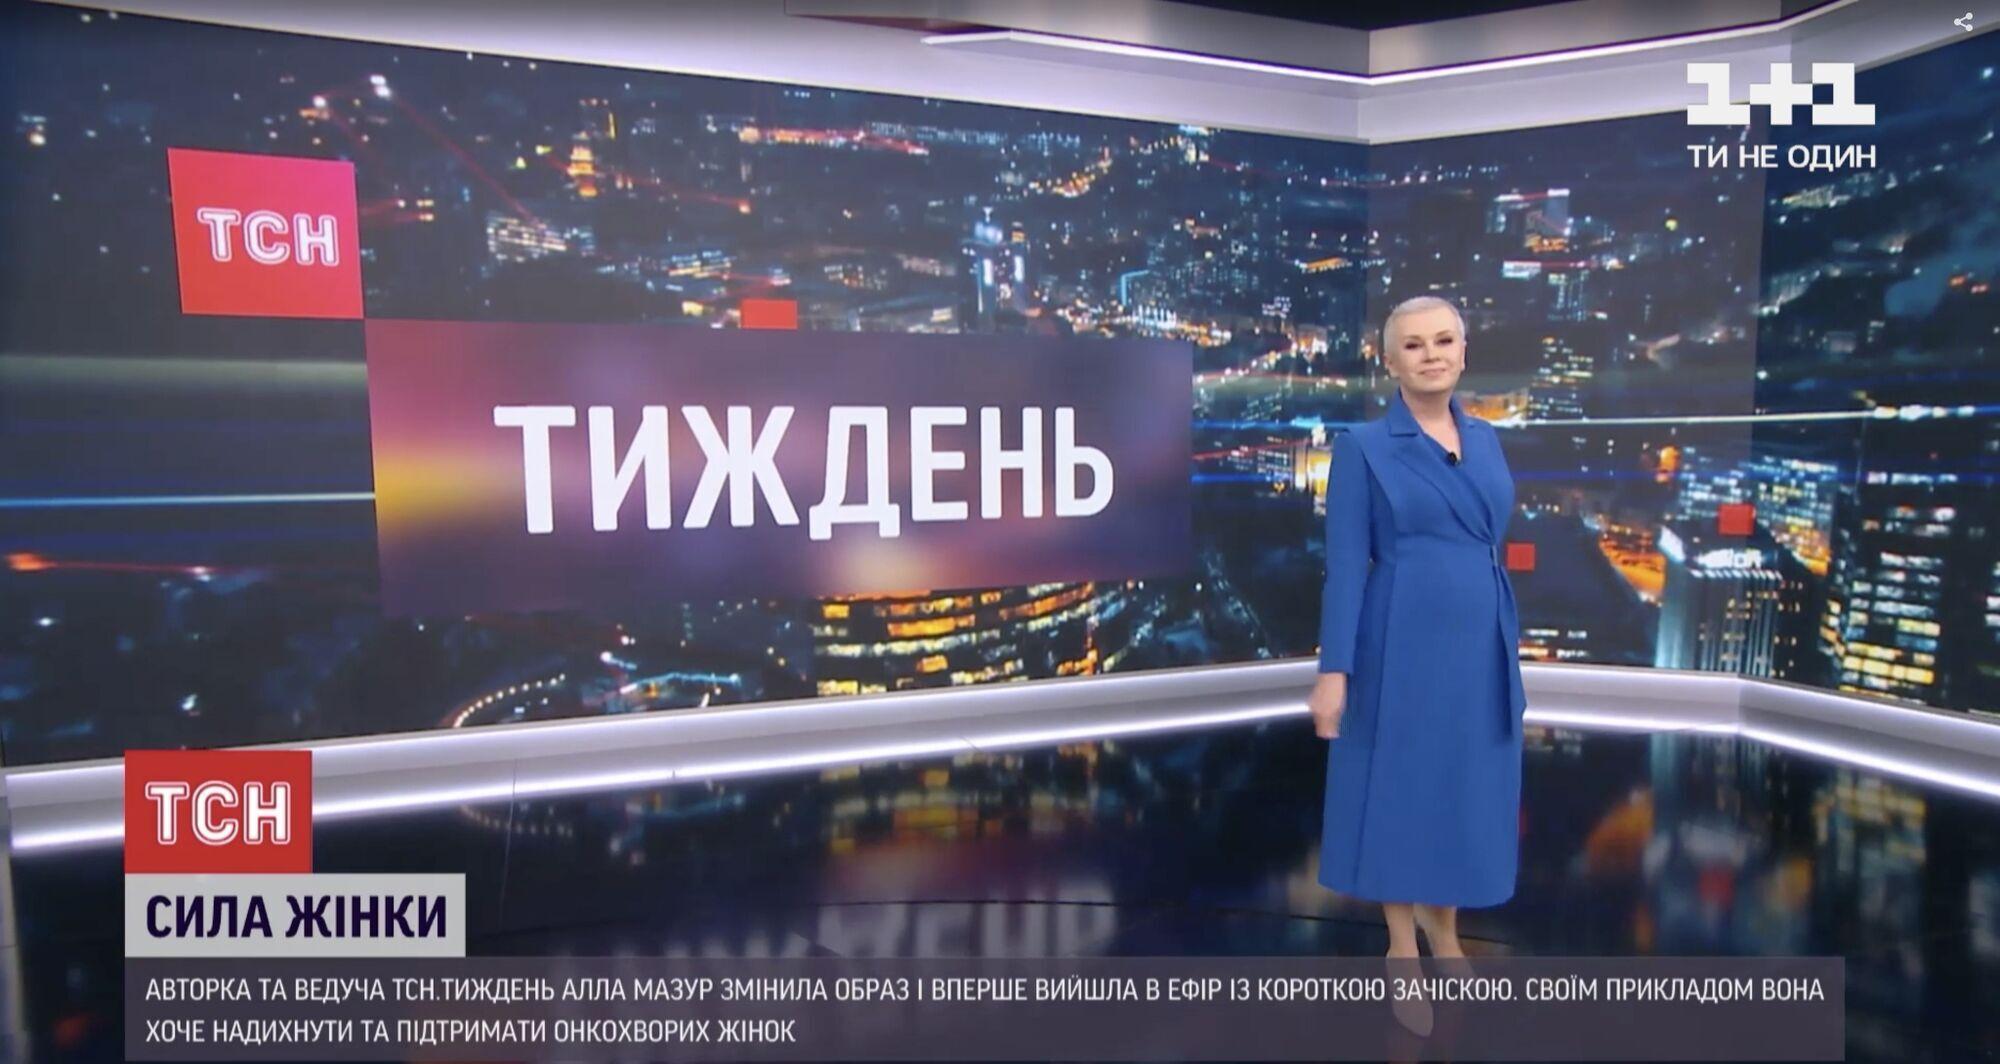 Алла Мазур в эфире ТСН.